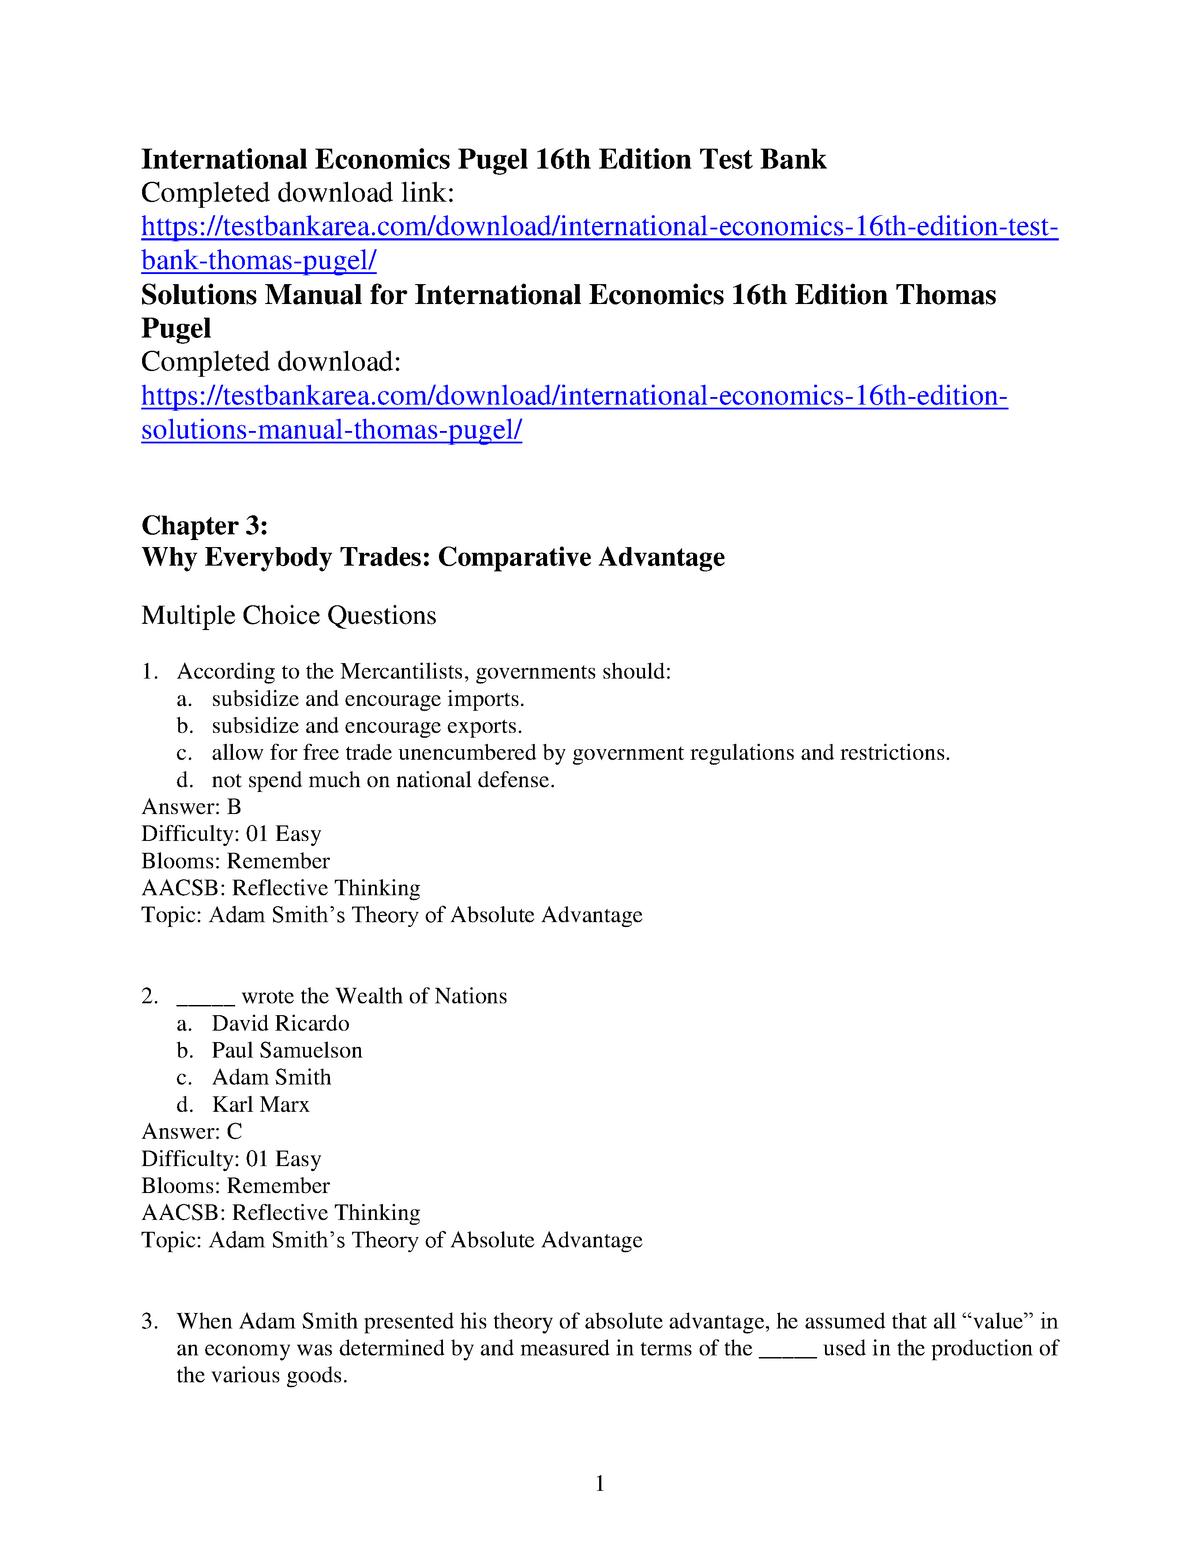 Exam 2017 - EBP031A05: International Business Environment - StuDocu